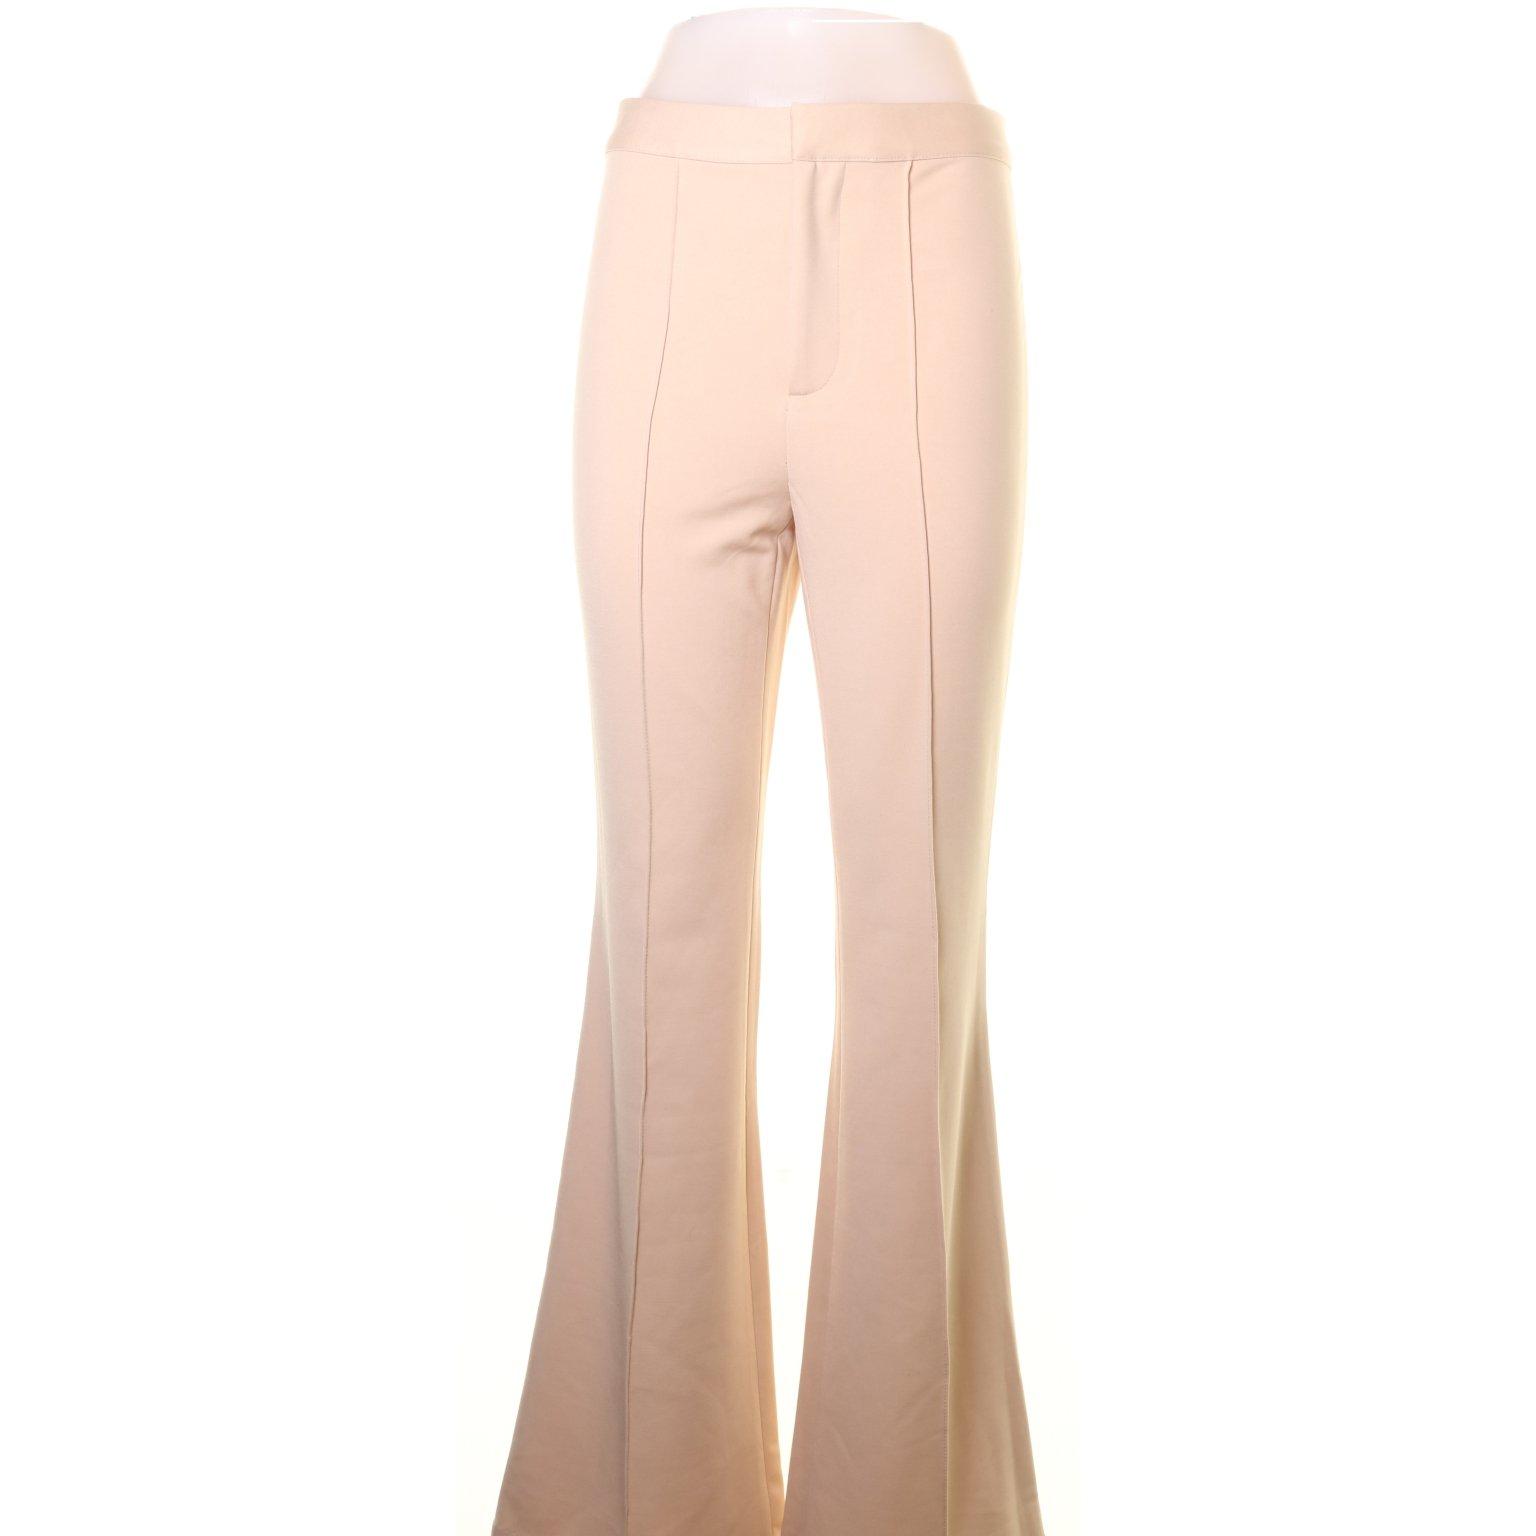 Fashion Nova, Byxor, Strl: M, Beige, Polyester (378394838